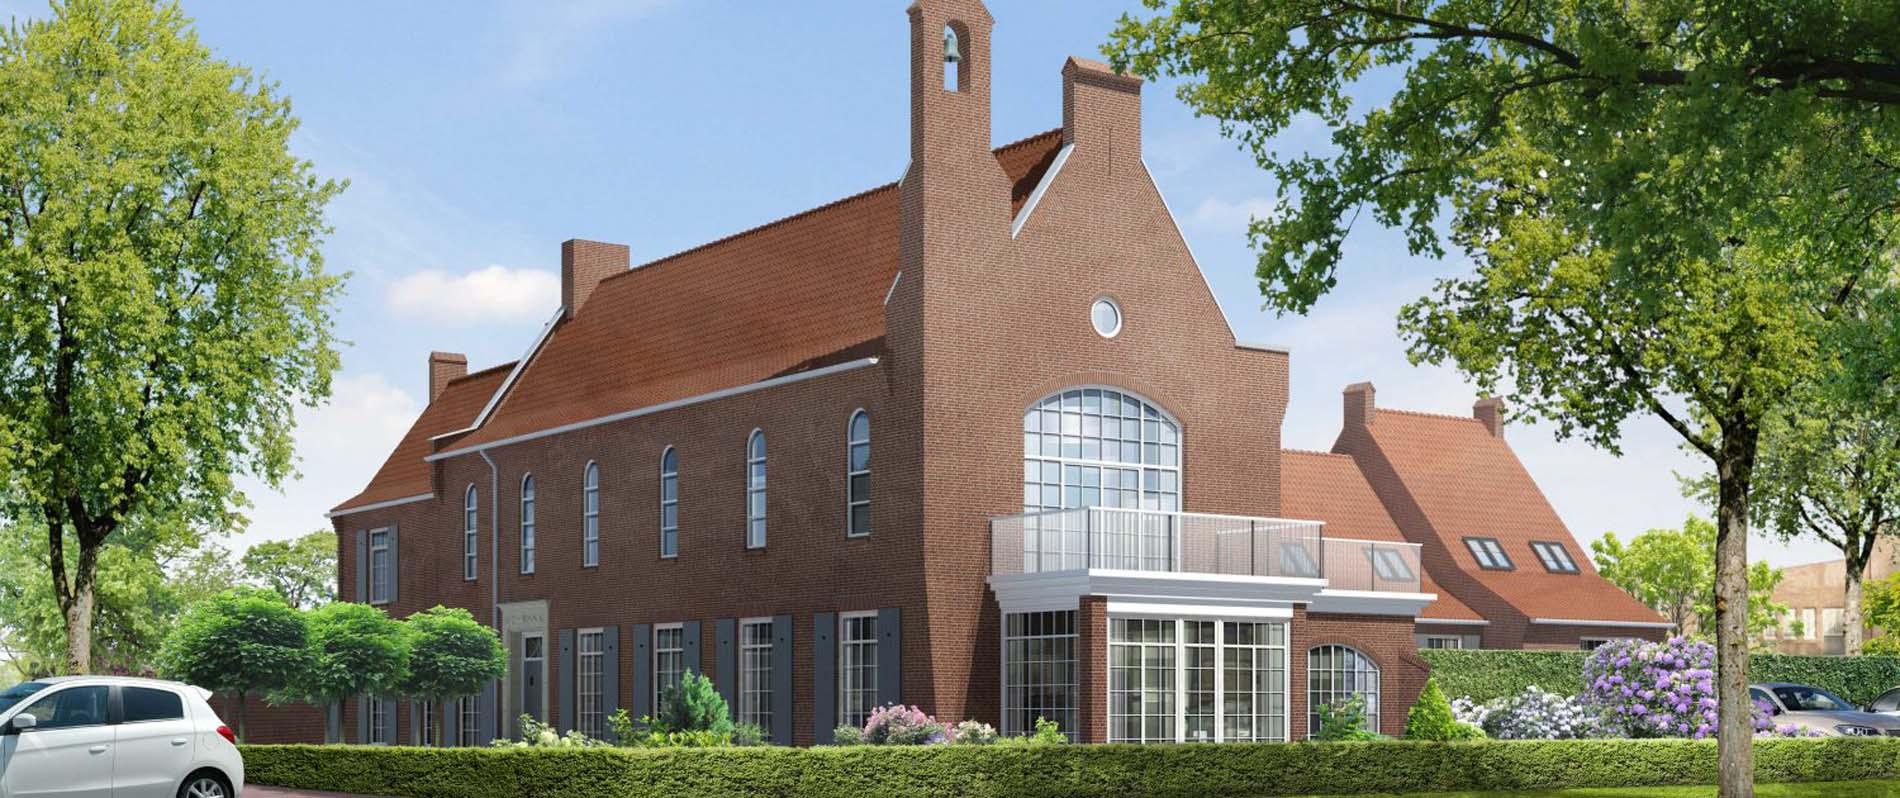 Project_De Vank_Nuenen_BANbouw 1